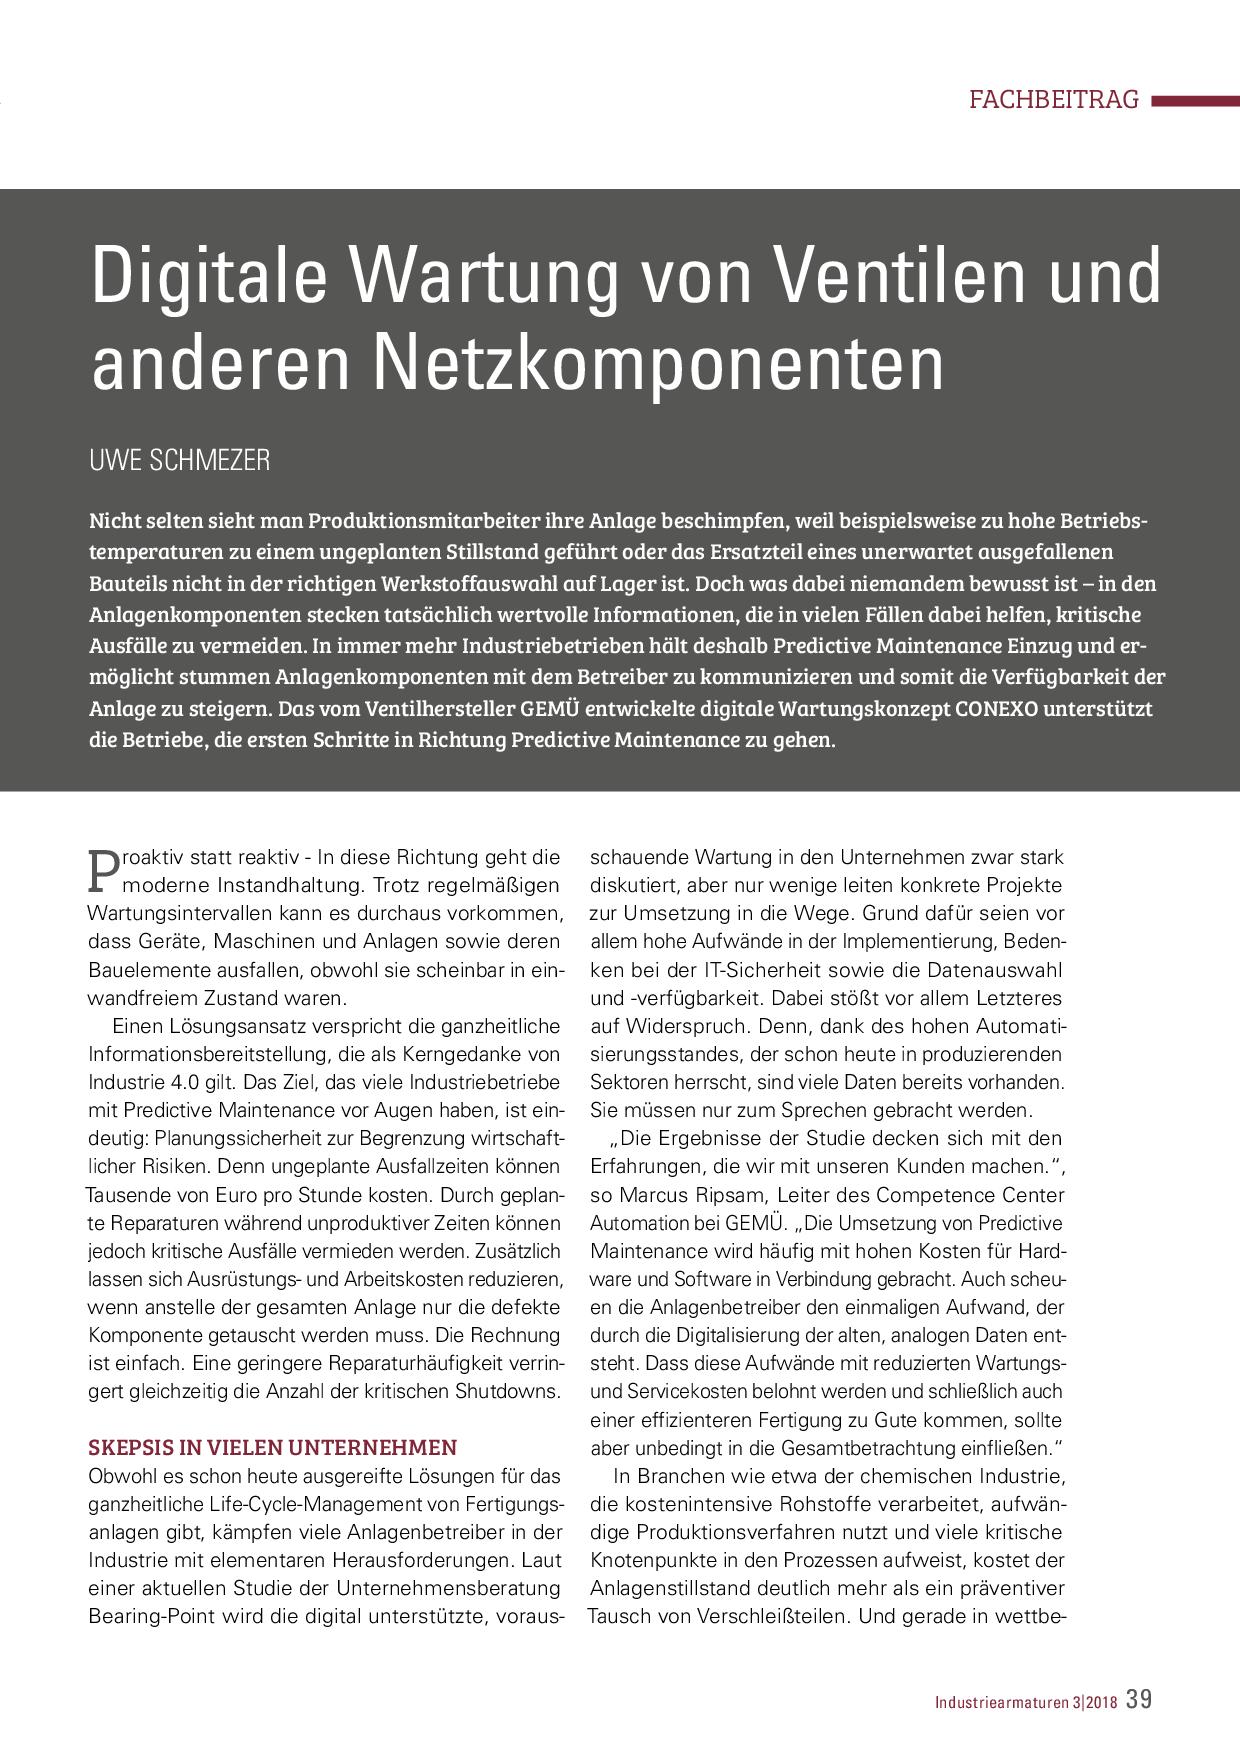 Digitale Wartung von Ventilen und anderen Netzkomponenten